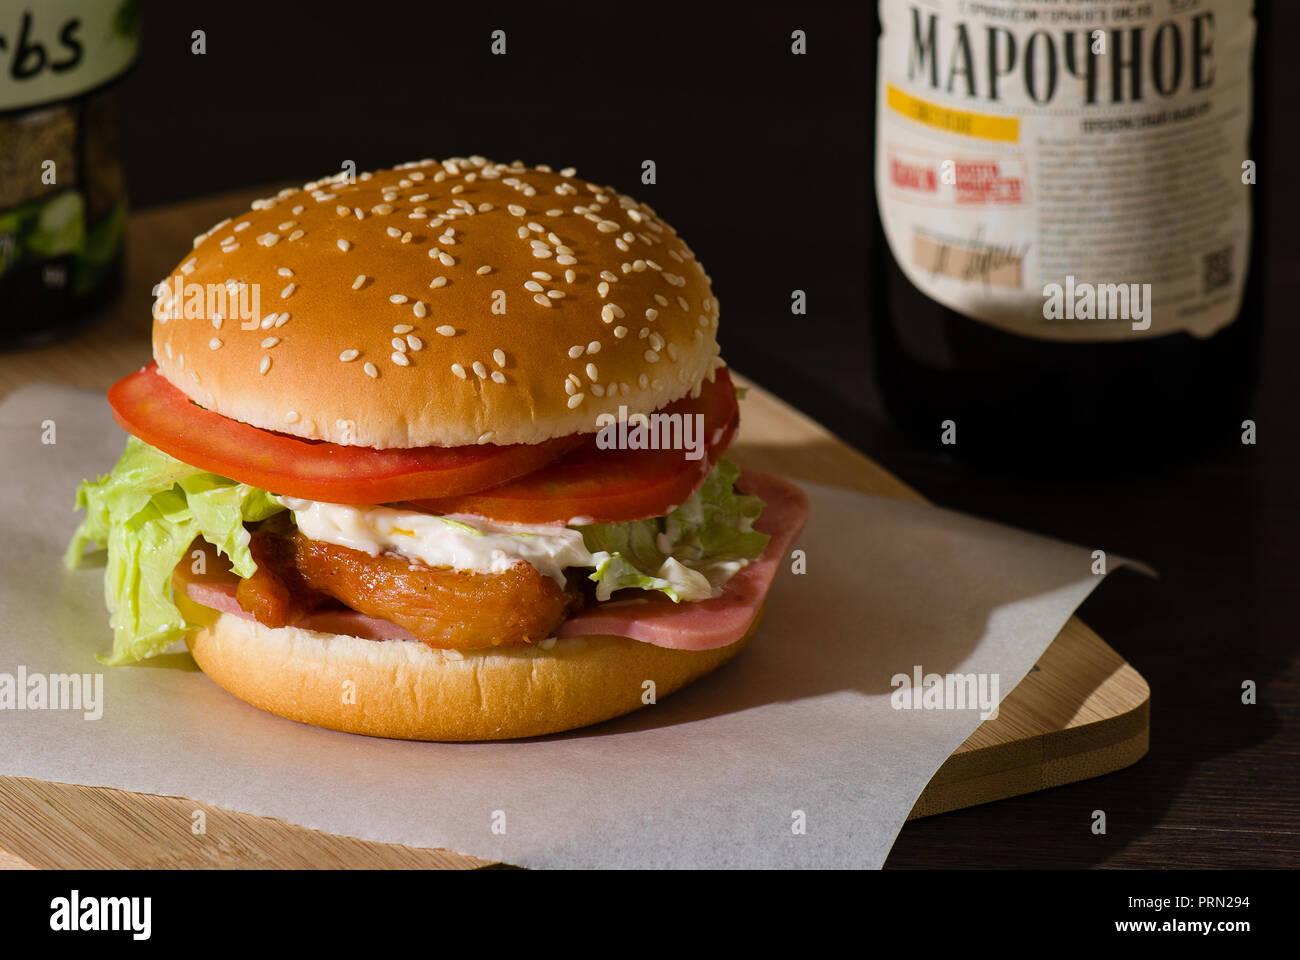 Food diy burger Stock Photo